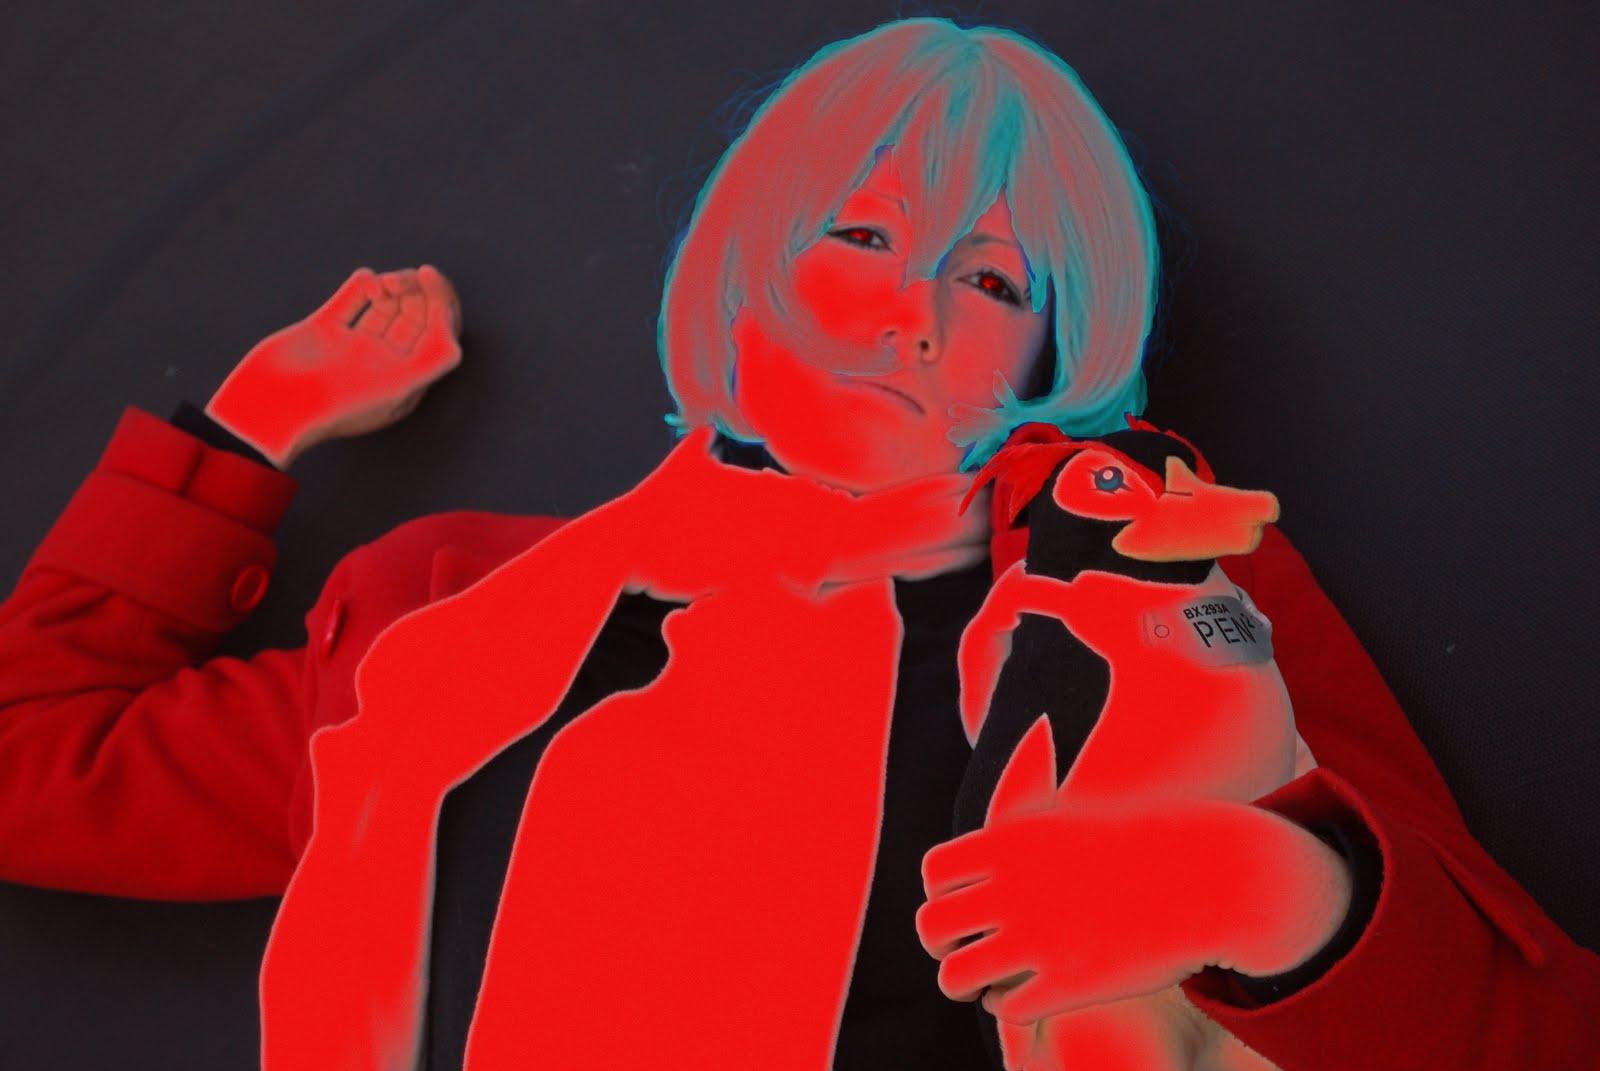 http://2.bp.blogspot.com/_tVcH7eYszfg/TEuFfy-t0tI/AAAAAAAAAqc/B5Xl_IAqXBQ/s1600/DSC_2338+Diffuse+Glow.jpg